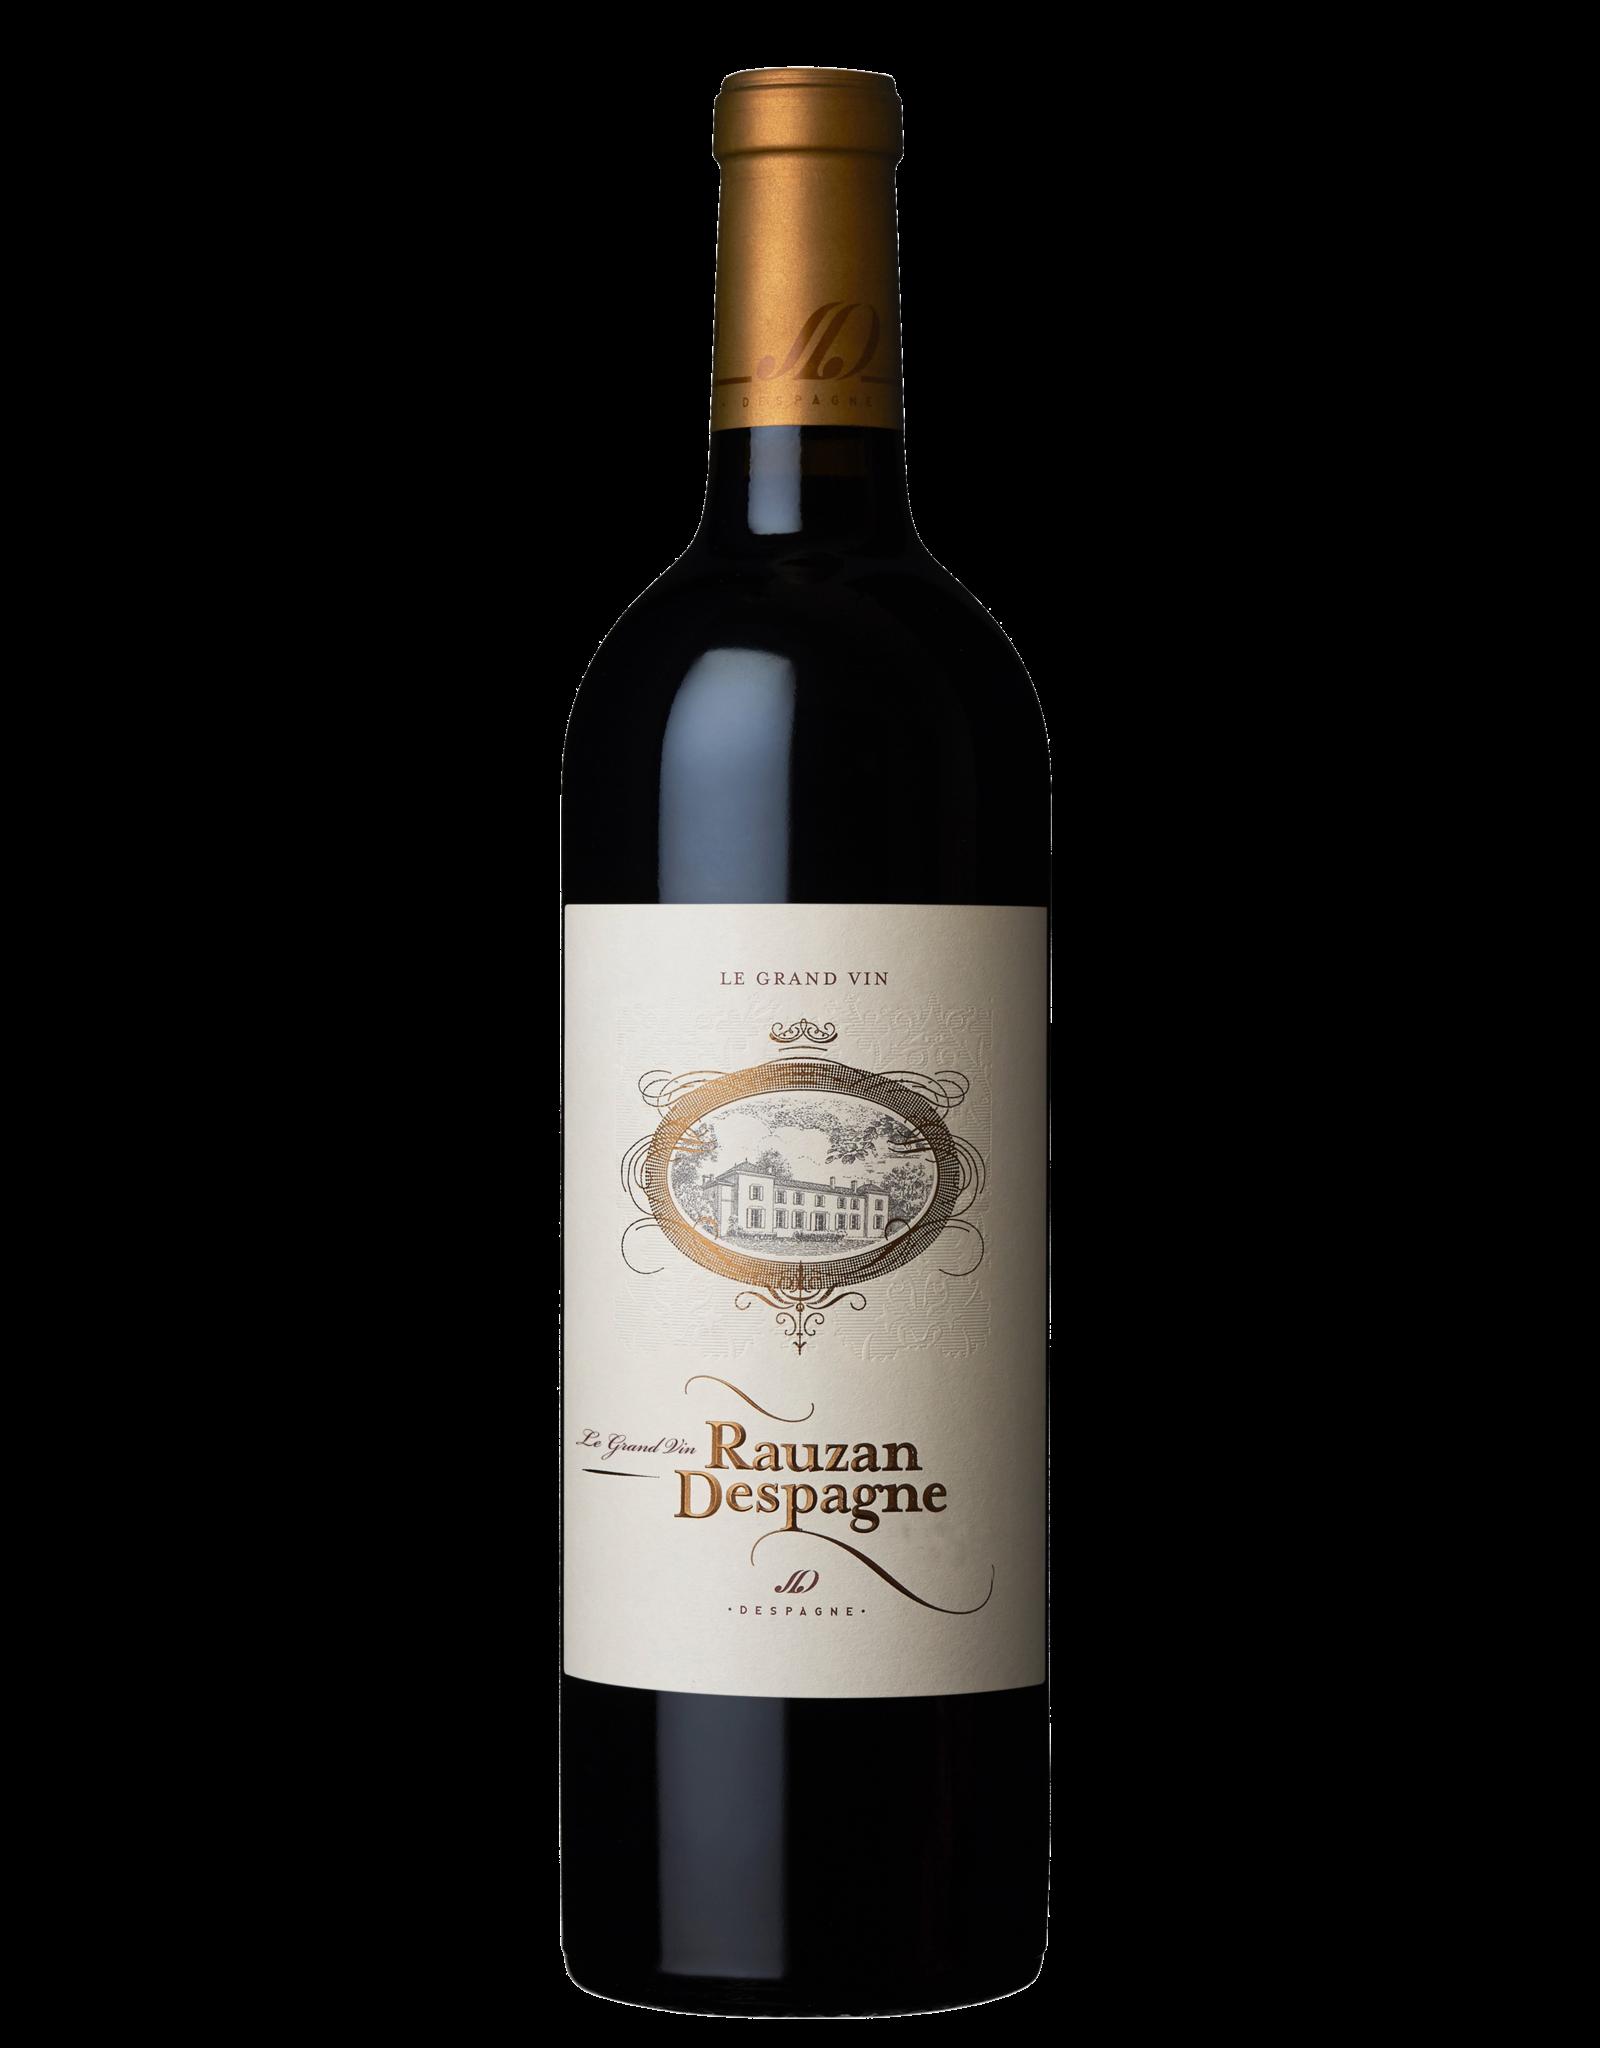 Château Rauzan Despagne Château Rauzan Despagne Grand Vin Rouge 2017 - Bordeaux